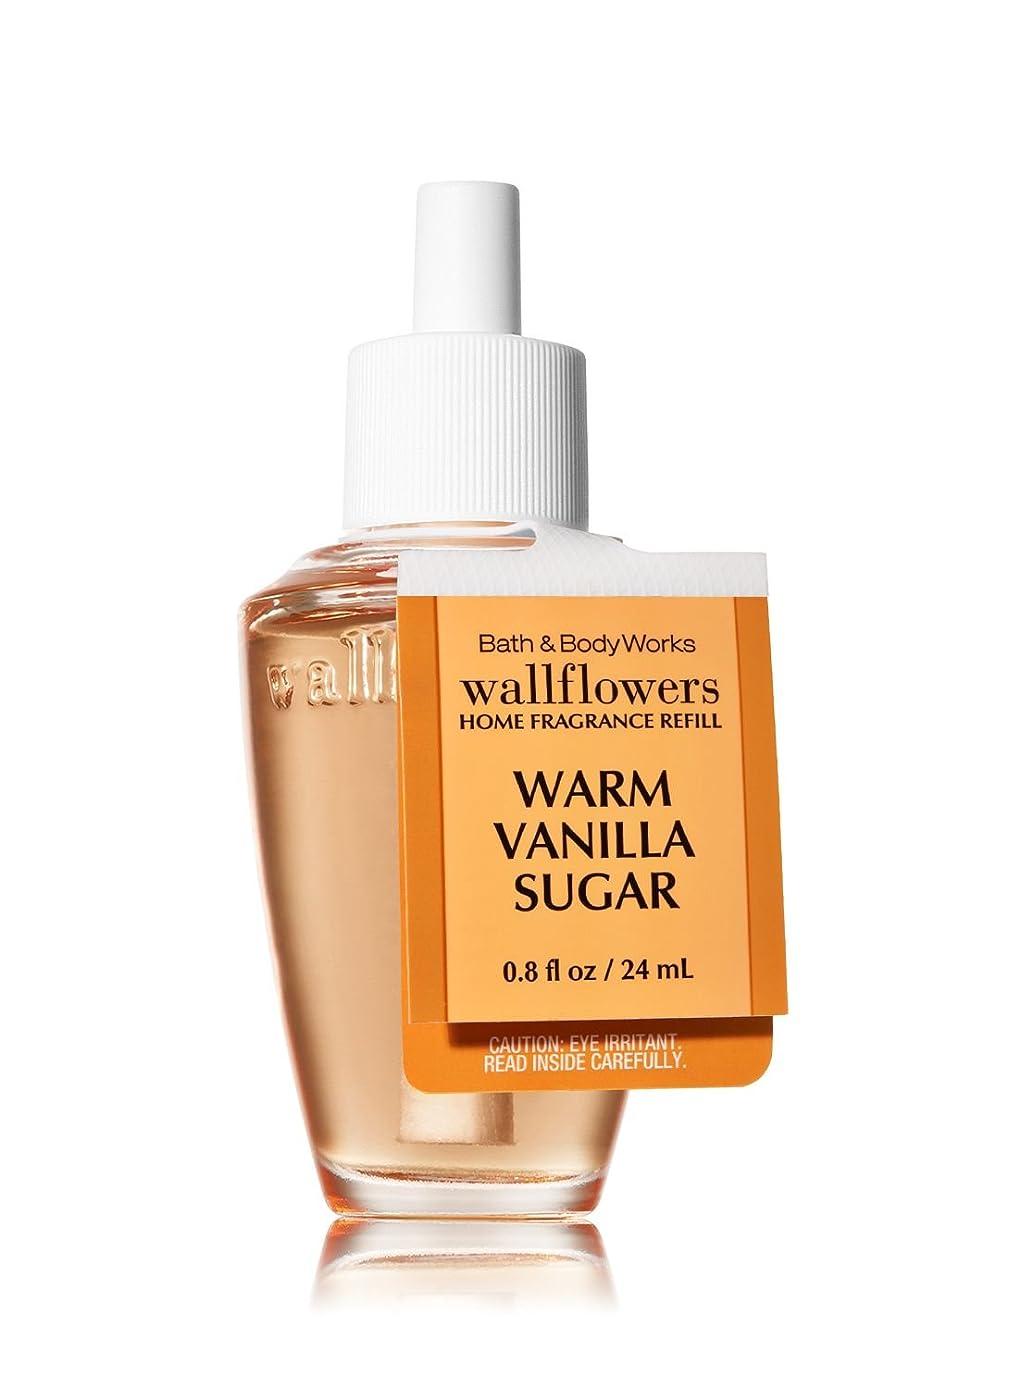 誤解失業幸運な【Bath&Body Works/バス&ボディワークス】 ルームフレグランス 詰替えリフィル ウォームバニラシュガー Wallflowers Home Fragrance Refill Warm Vanilla Sugar [並行輸入品]